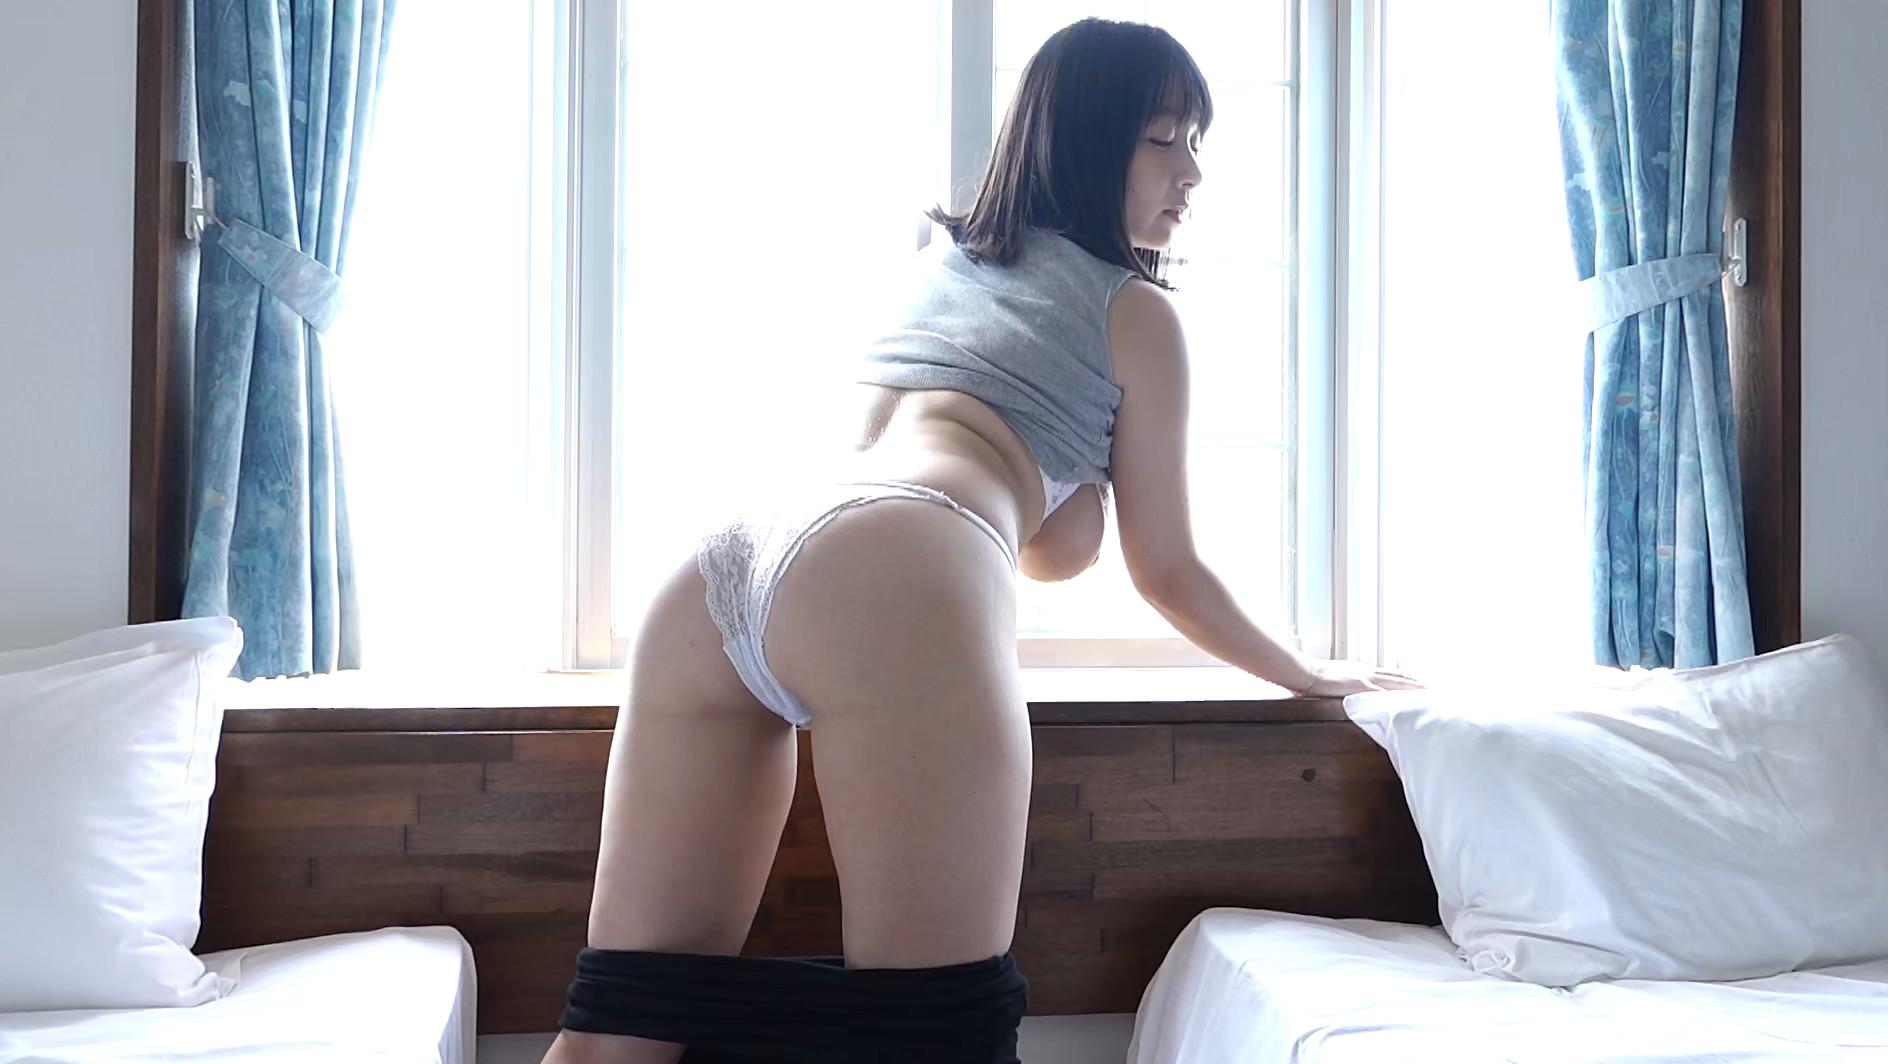 二人っきりの南国生活 桐山瑠衣6